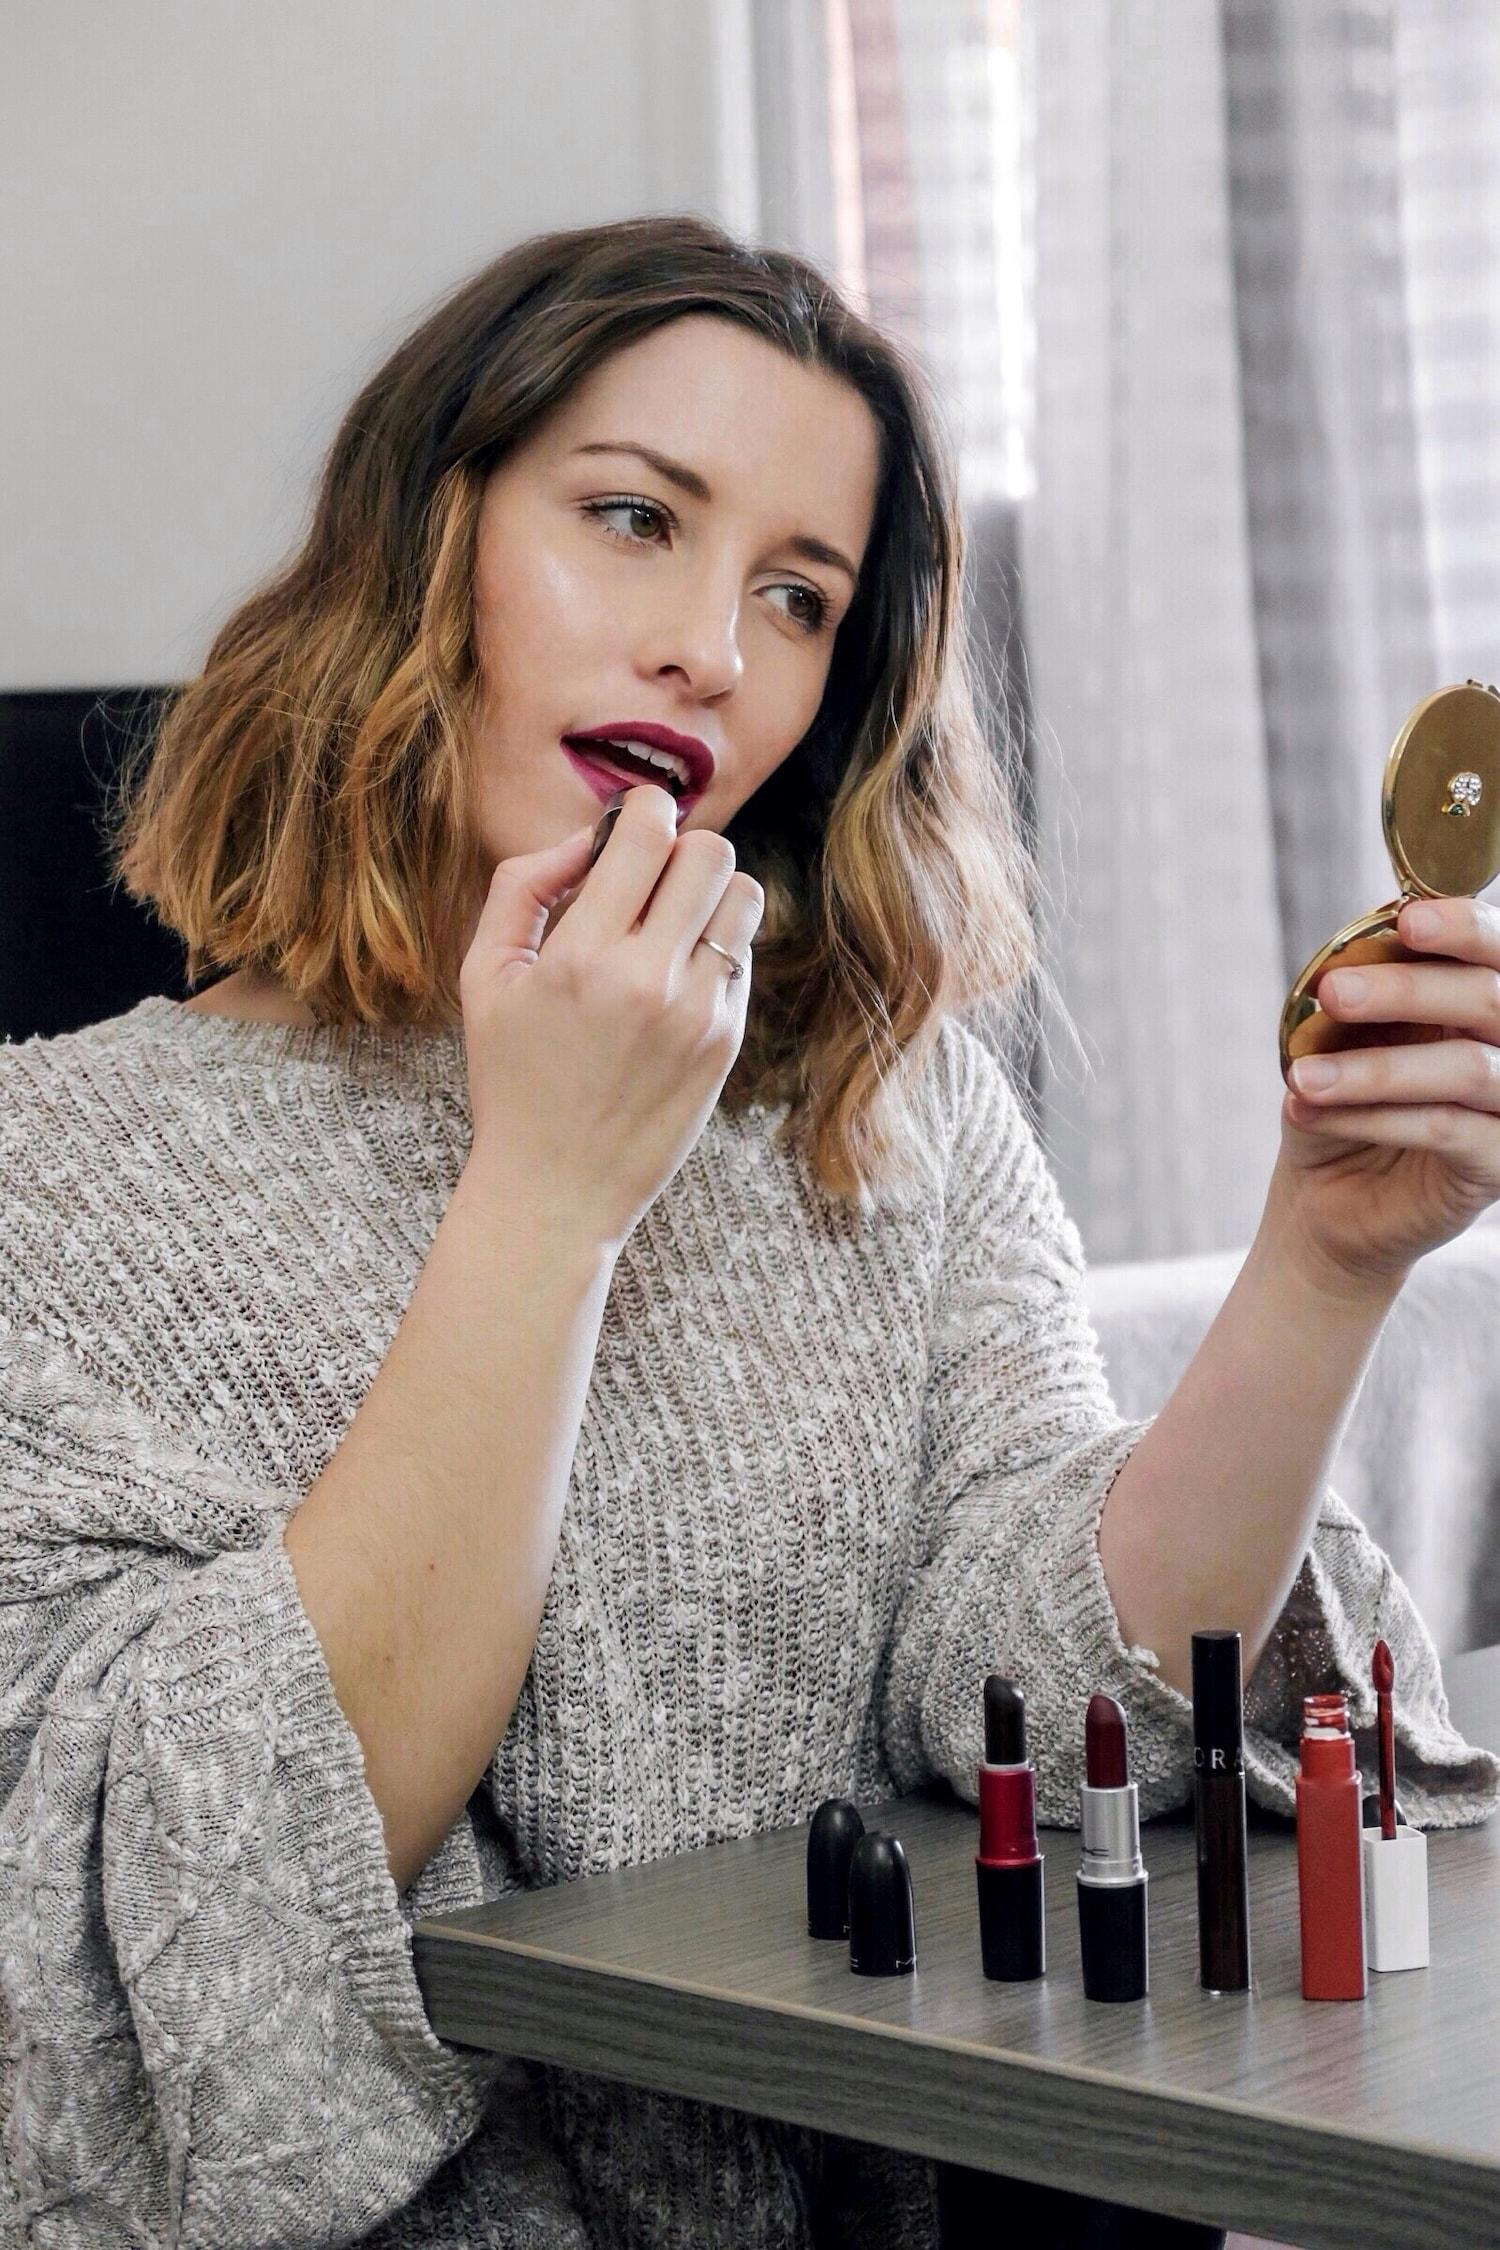 Rouge à lèvres : Mes 5 rouges à lèvres préférés pour cet hiver 2019 - happinesscoco.com